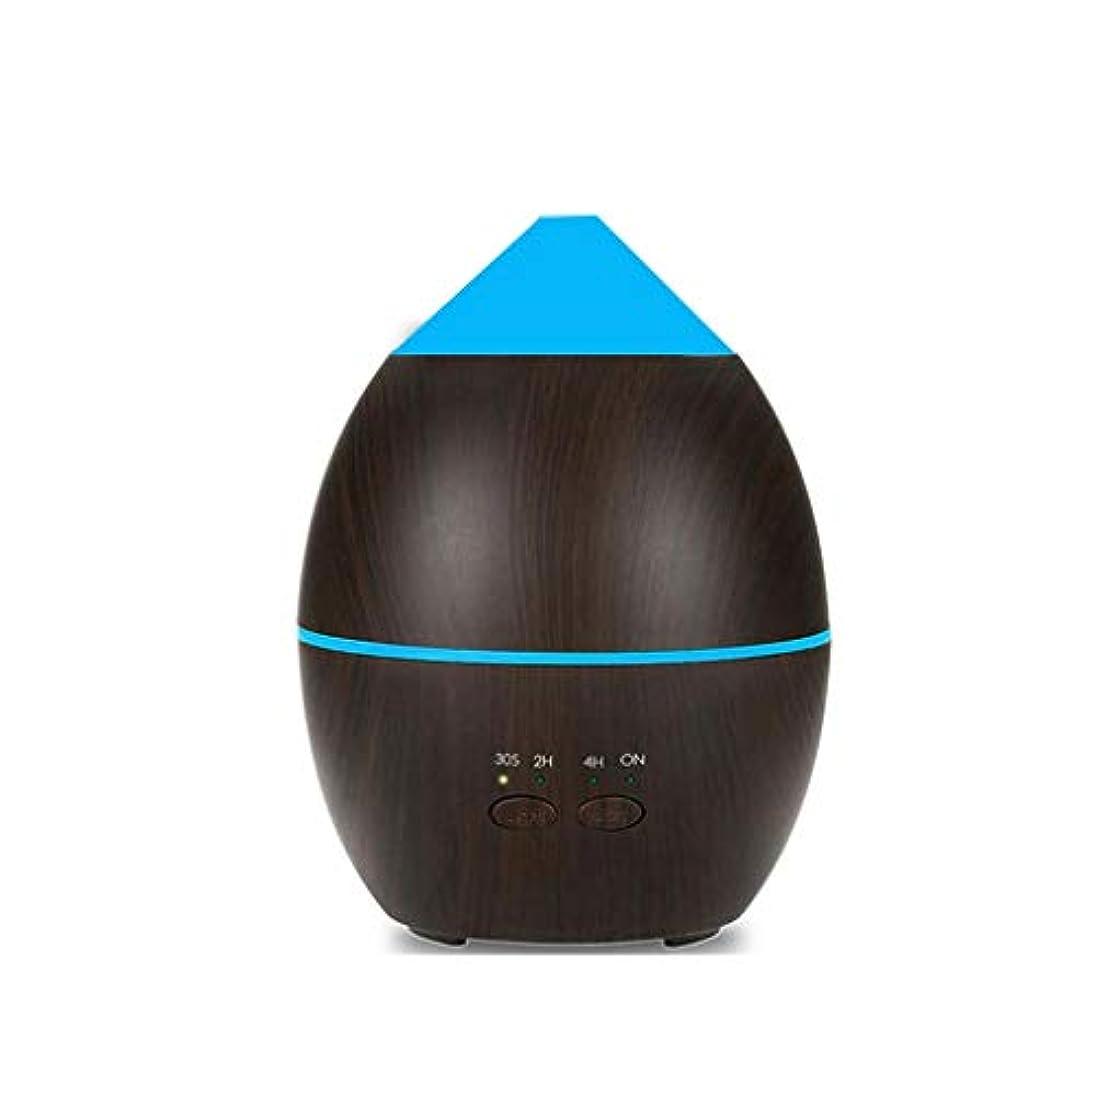 ラップ気怠い抽出加湿器水滴モデル300ミリリットル加湿器リモコンusb 300ミリリットル、木目 (Color : Brown)